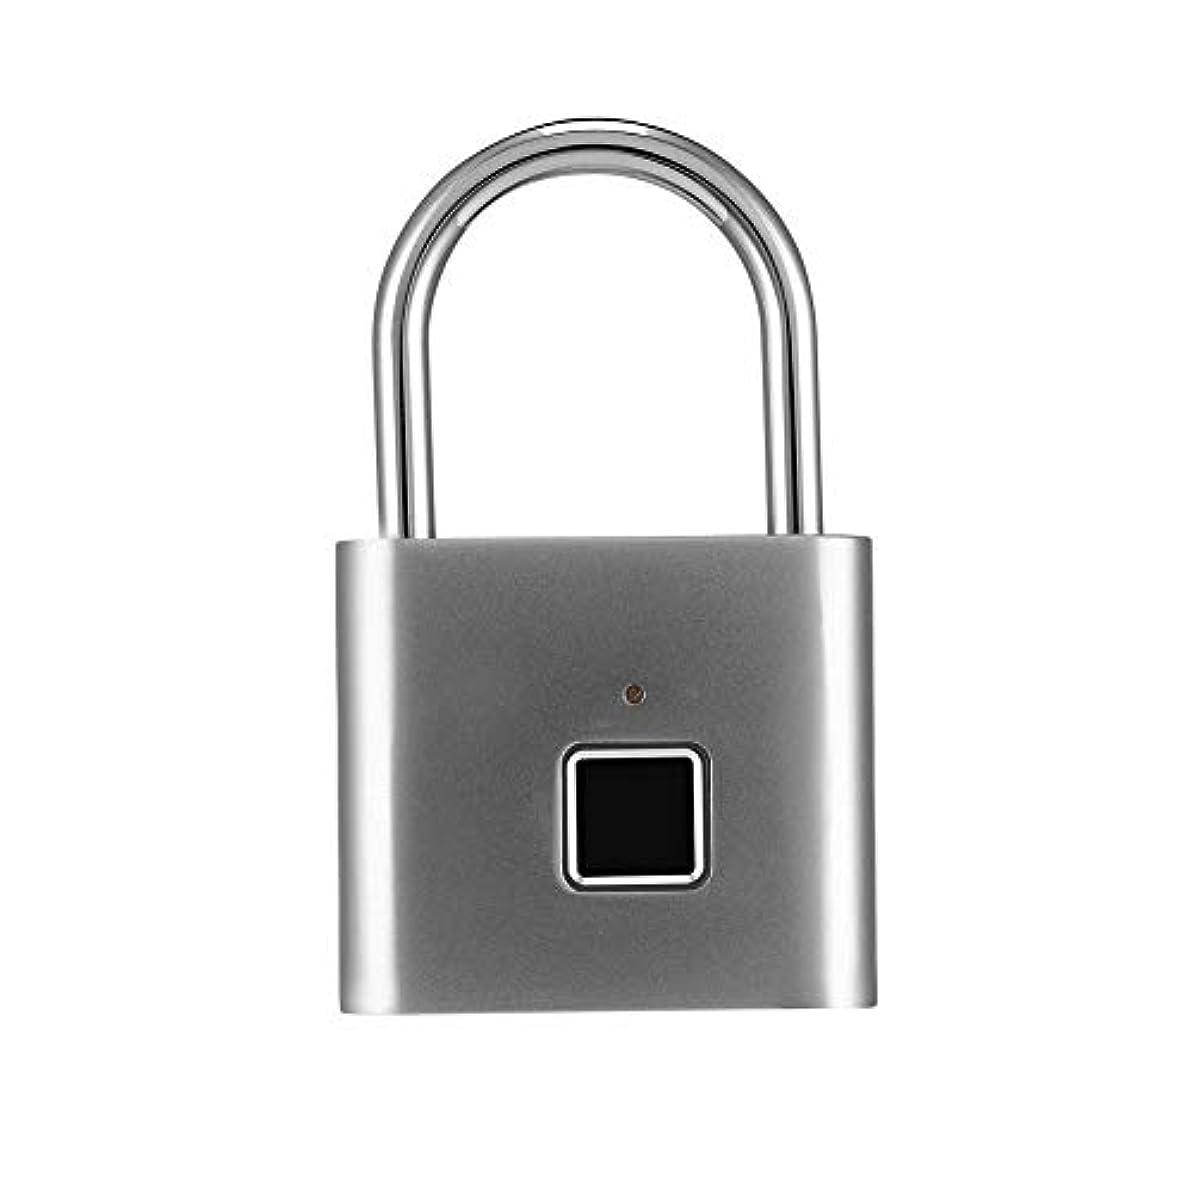 やりがいのある顎トランク組み合わせ南京錠、スマートキーレス指紋ロック指紋認識USB充電式盗難防止ロック、スーツケース用指紋南京錠荷物スーツケースは、10セットの指紋を保存できます